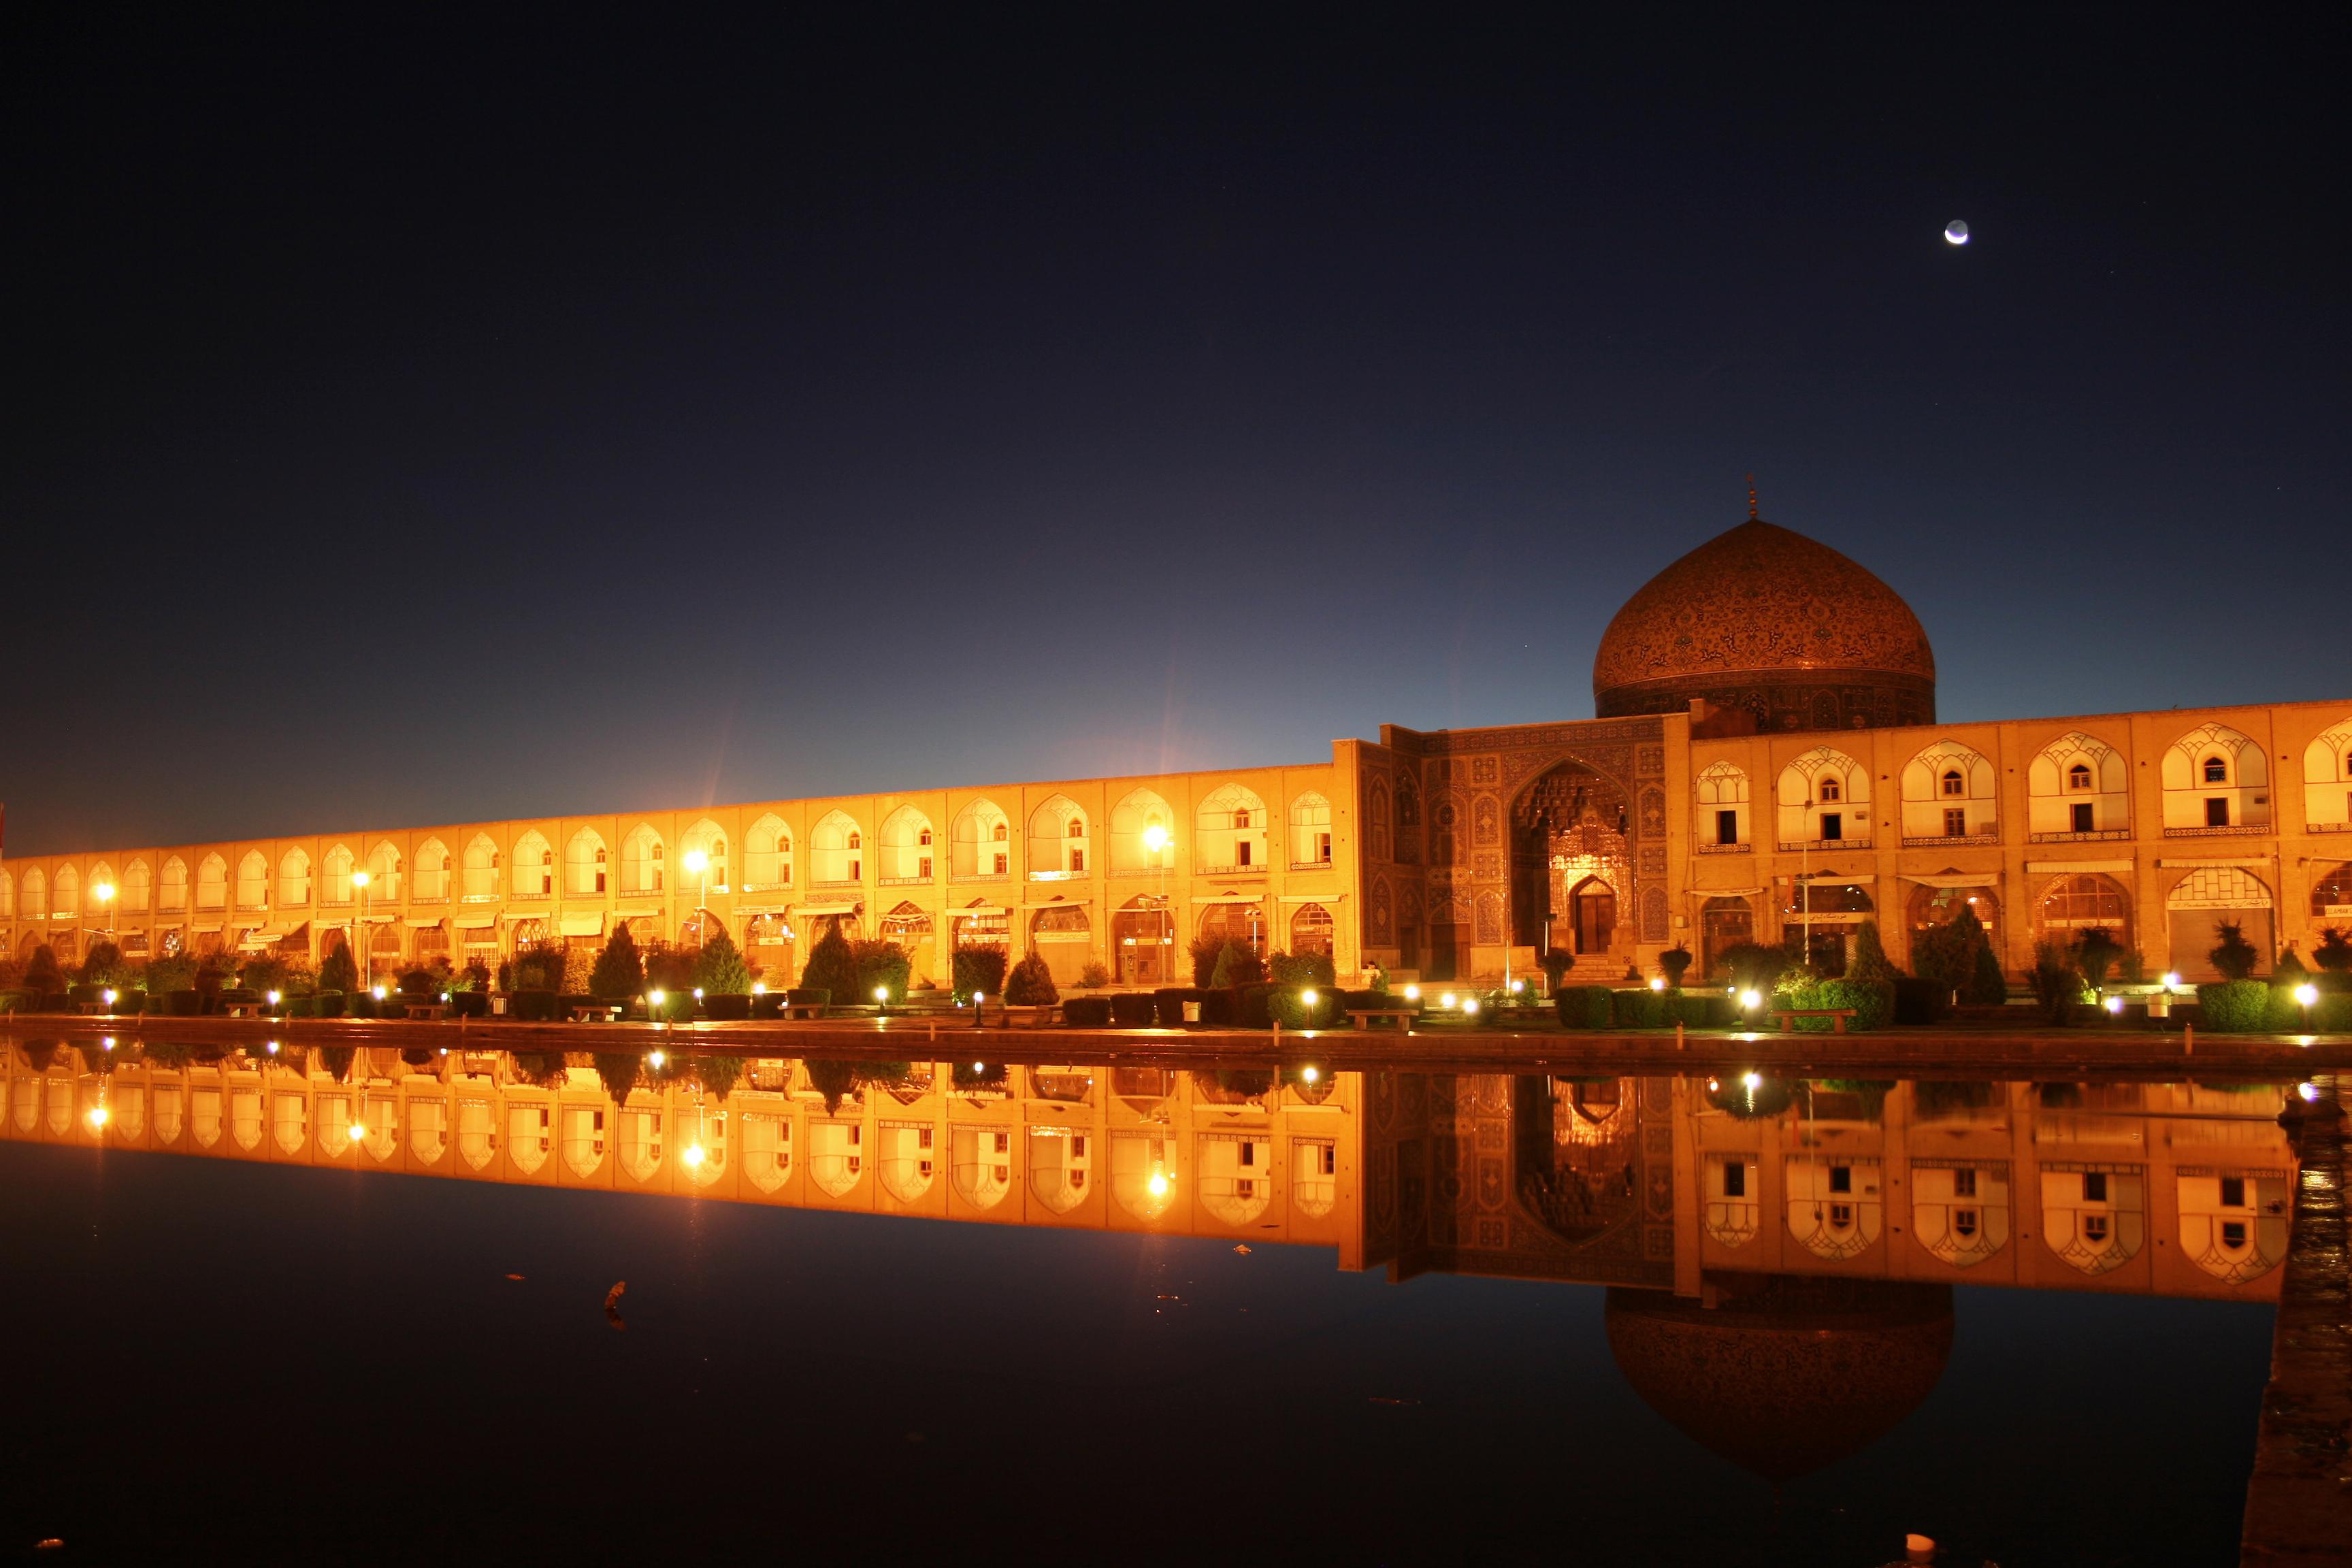 Naqsh-e_Jahan_Square_at_Night